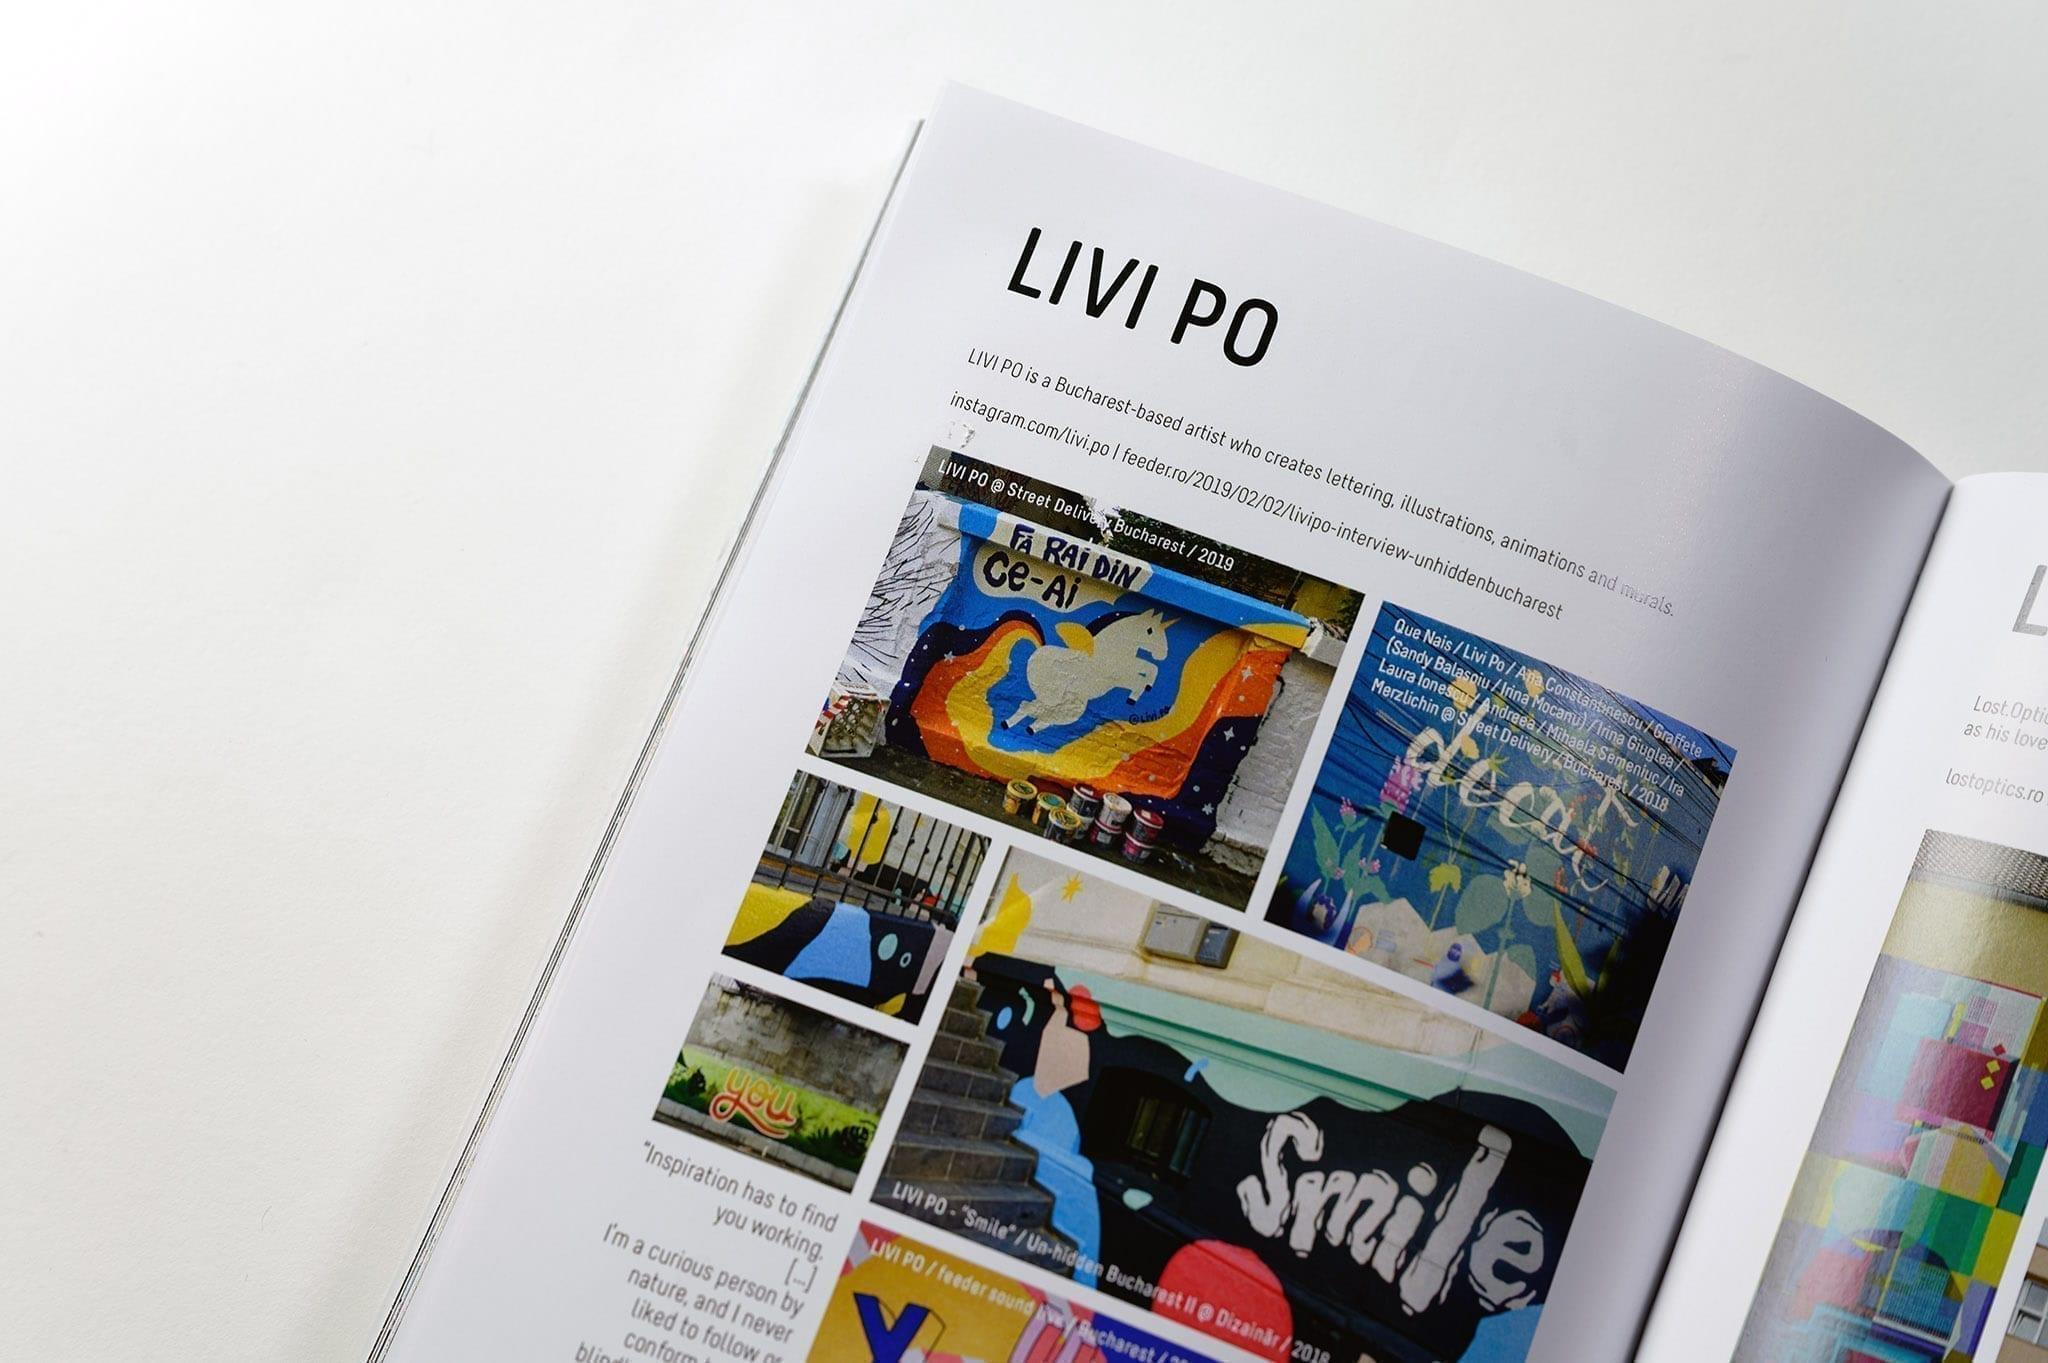 Un-hidden Street Art in Romania Book - Livi Po page